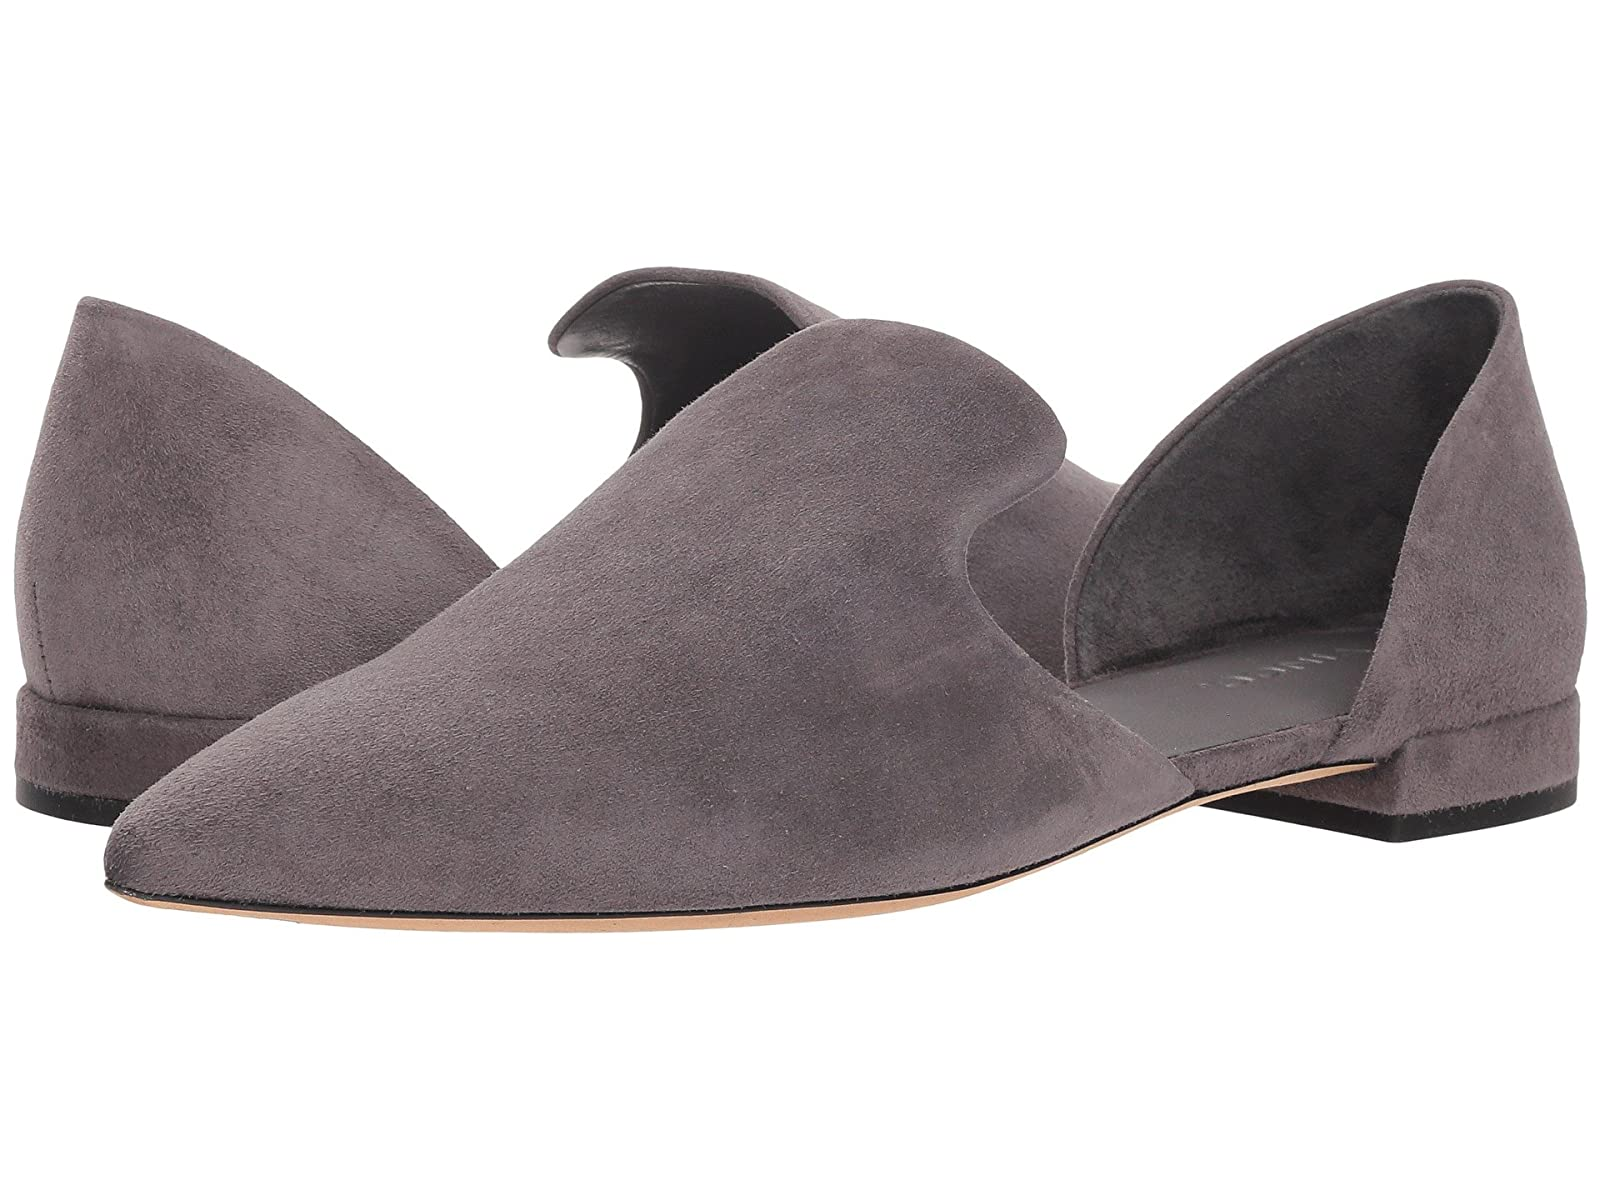 Vince DamrisAtmospheric grades have affordable shoes